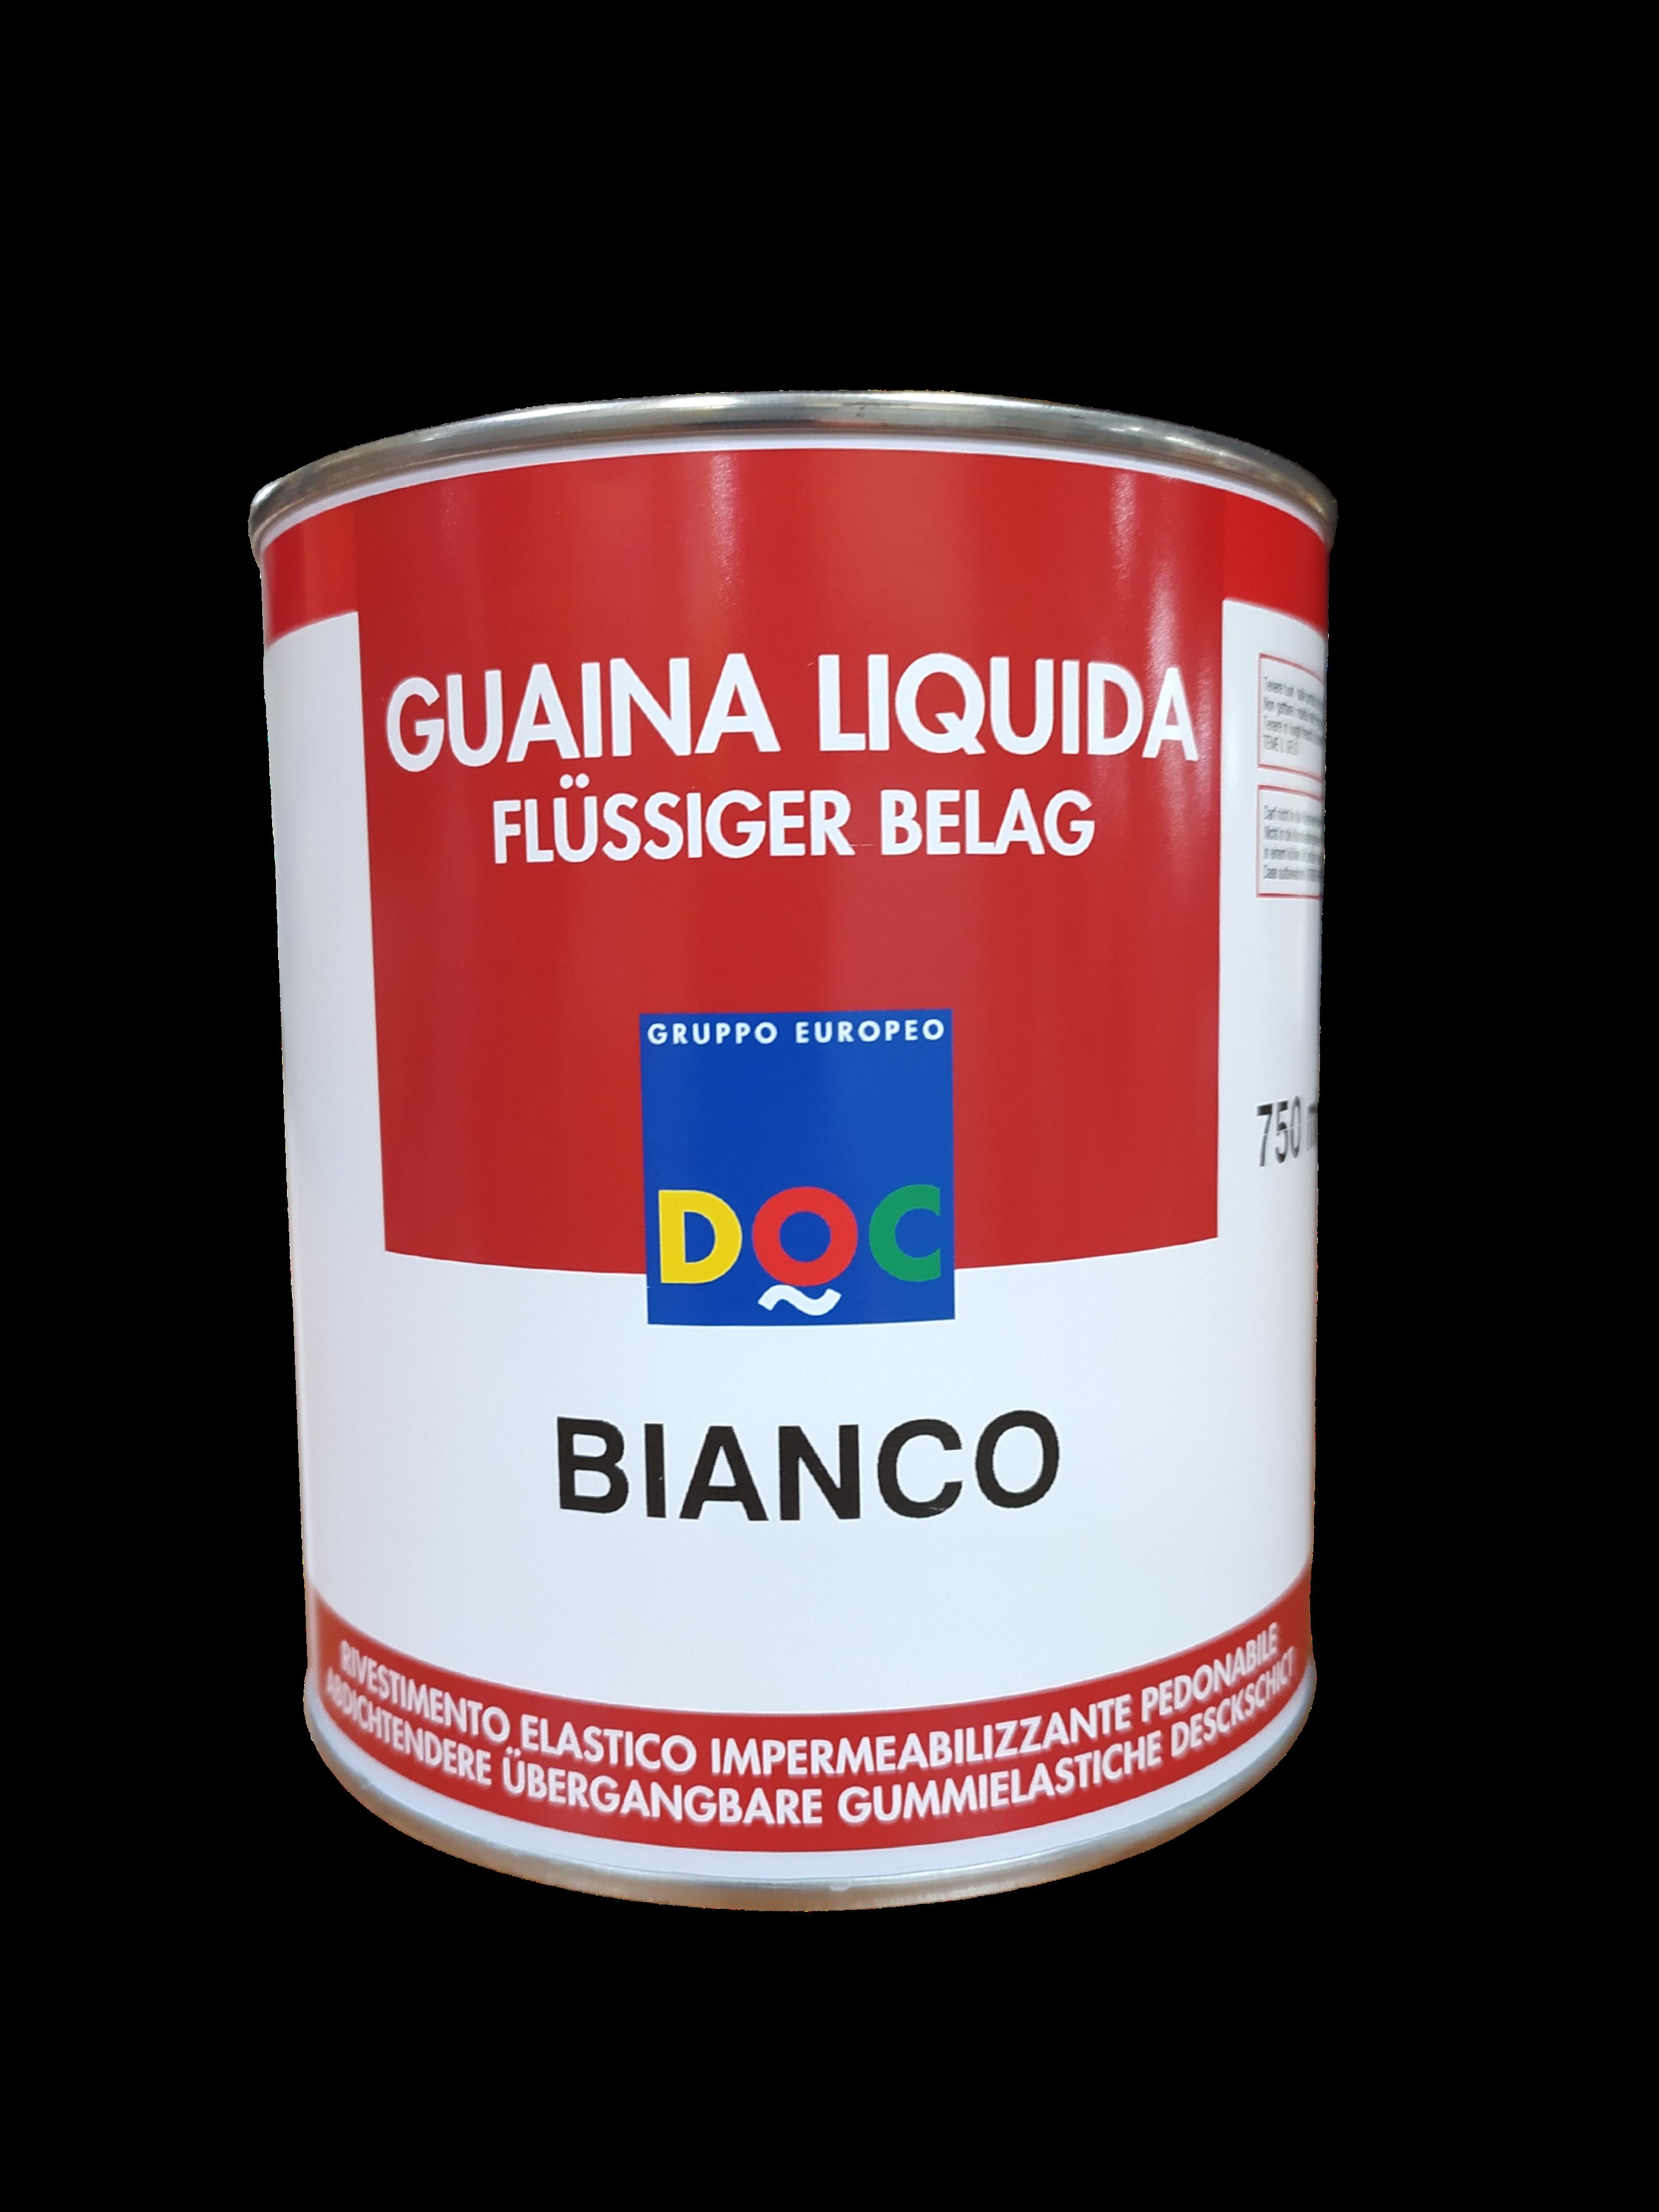 GUAINA LIQUIDA PEDONABILE BIANCO 750ML DOC